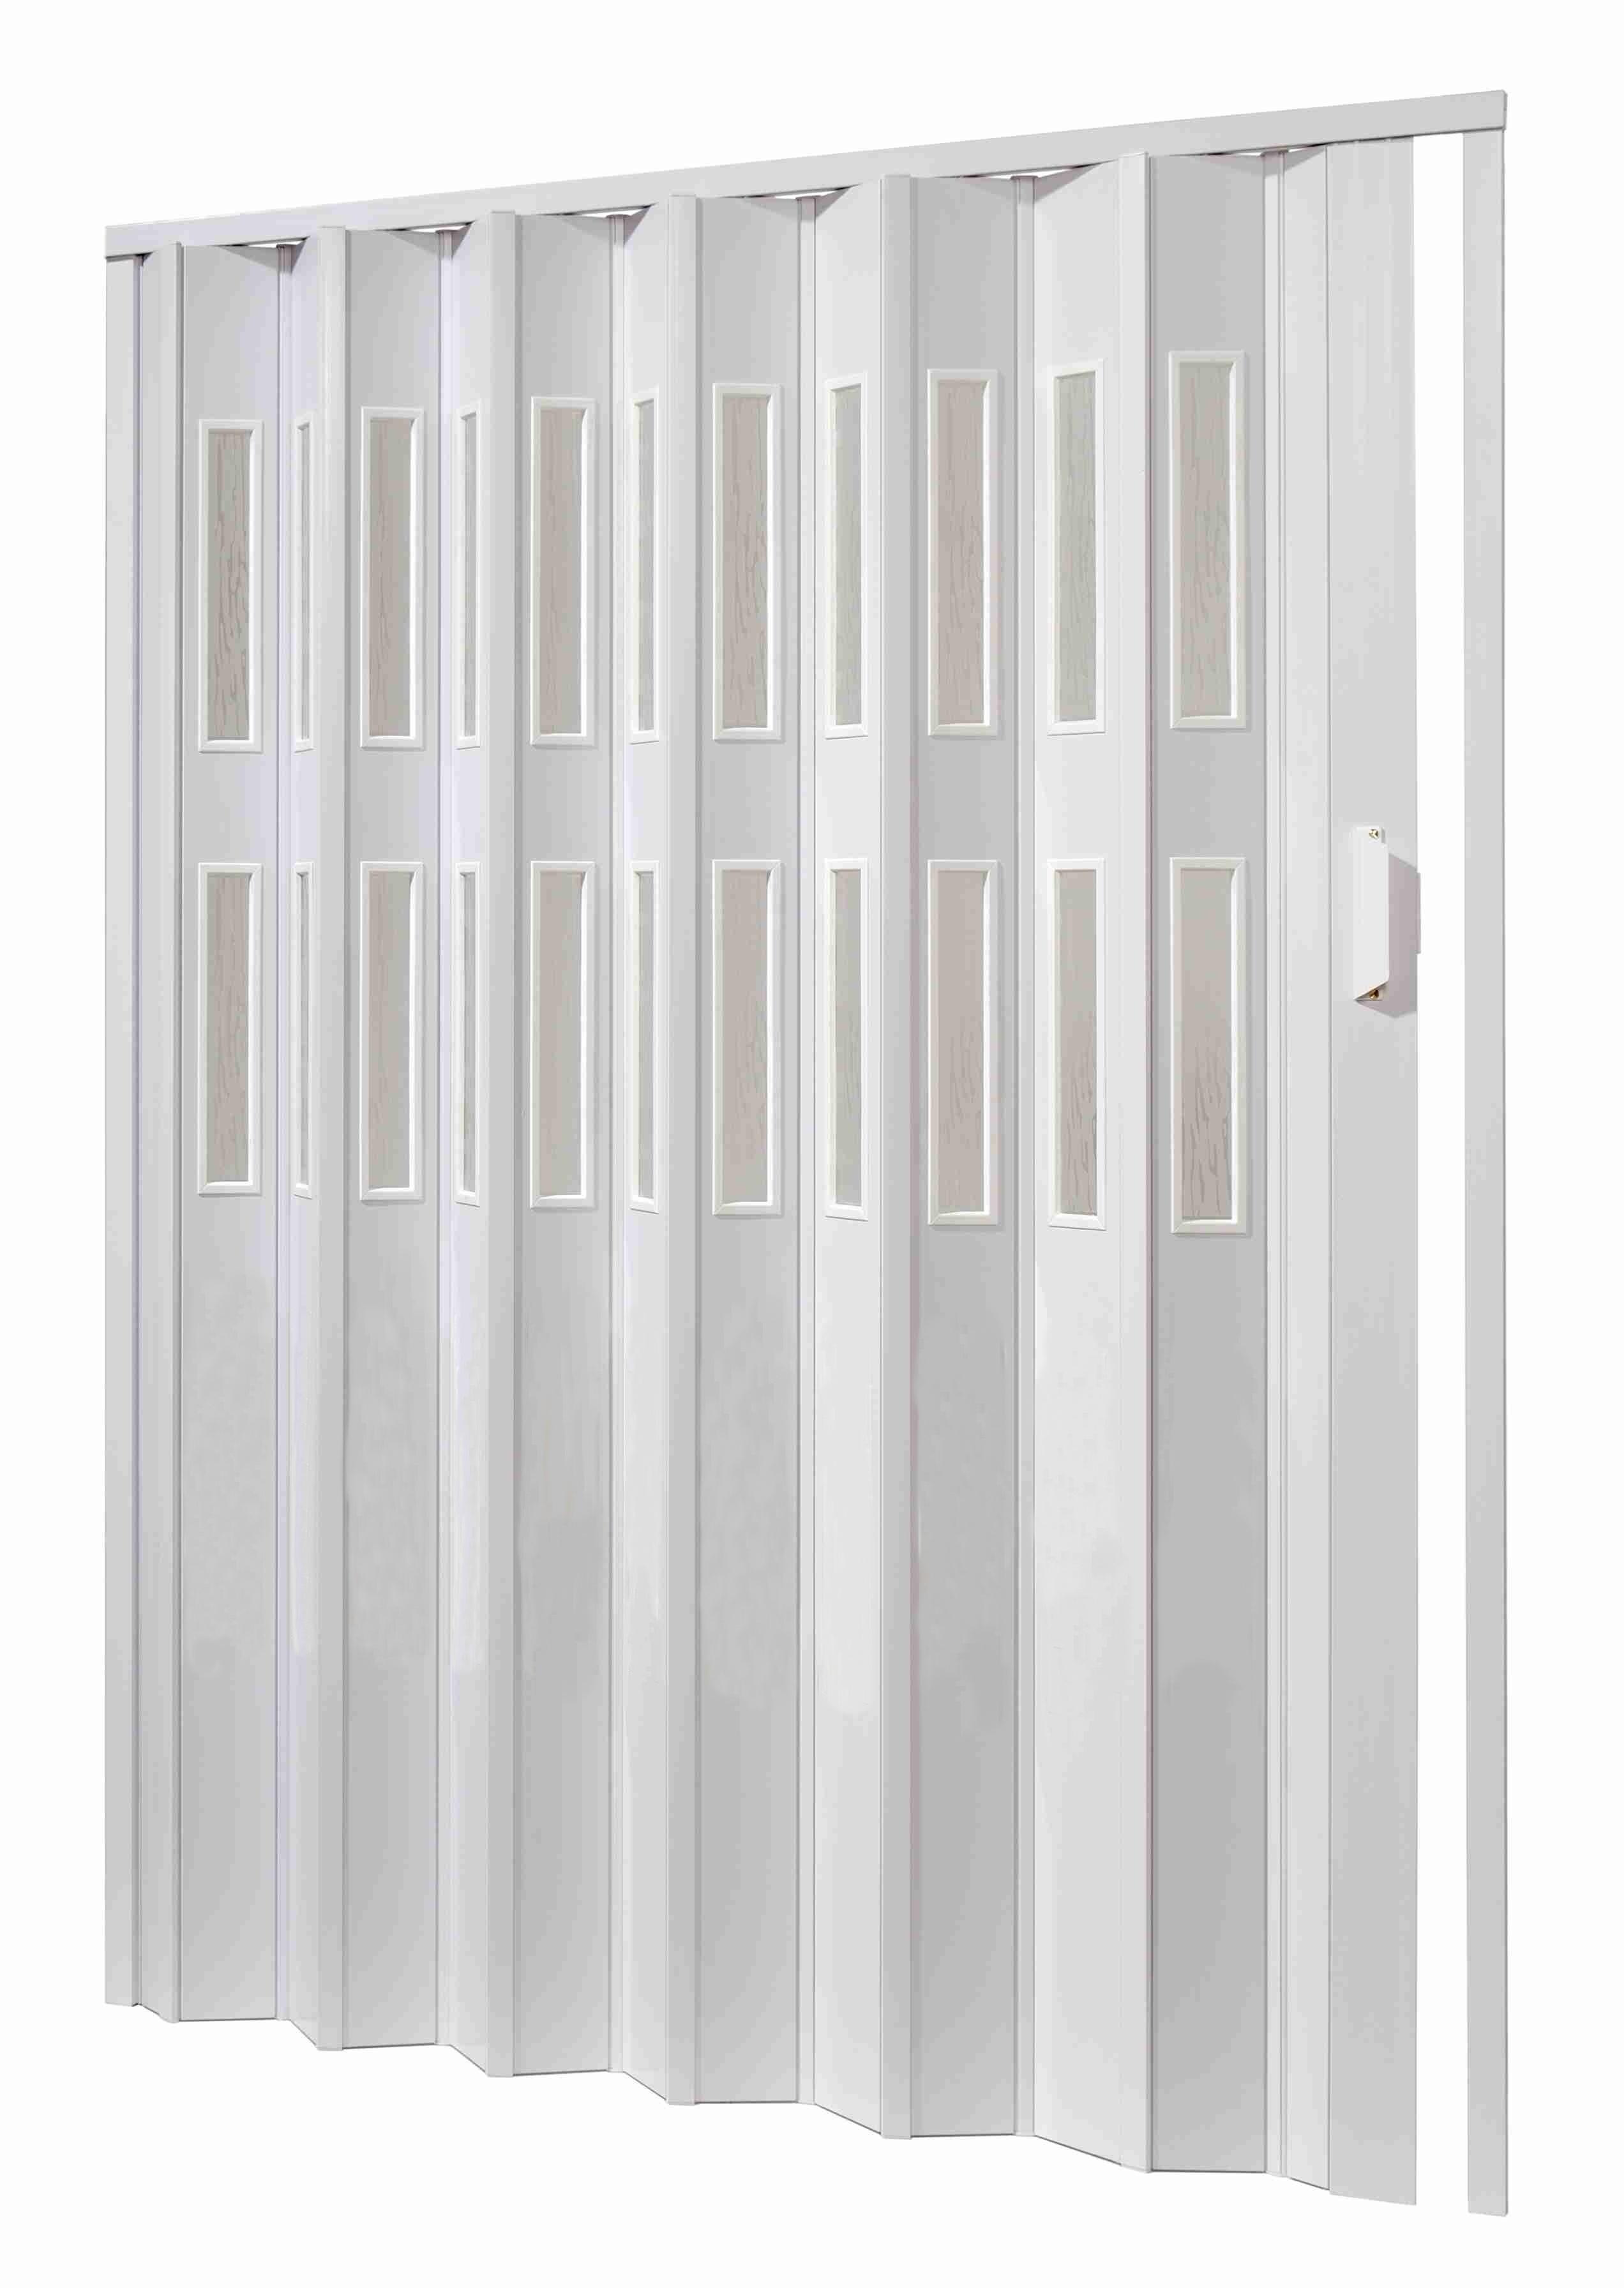 Shrnovací dveře plastové PETROMILA 145x250 ODSTÍN: BÍLÁ, TYP DVEŘÍ: plné